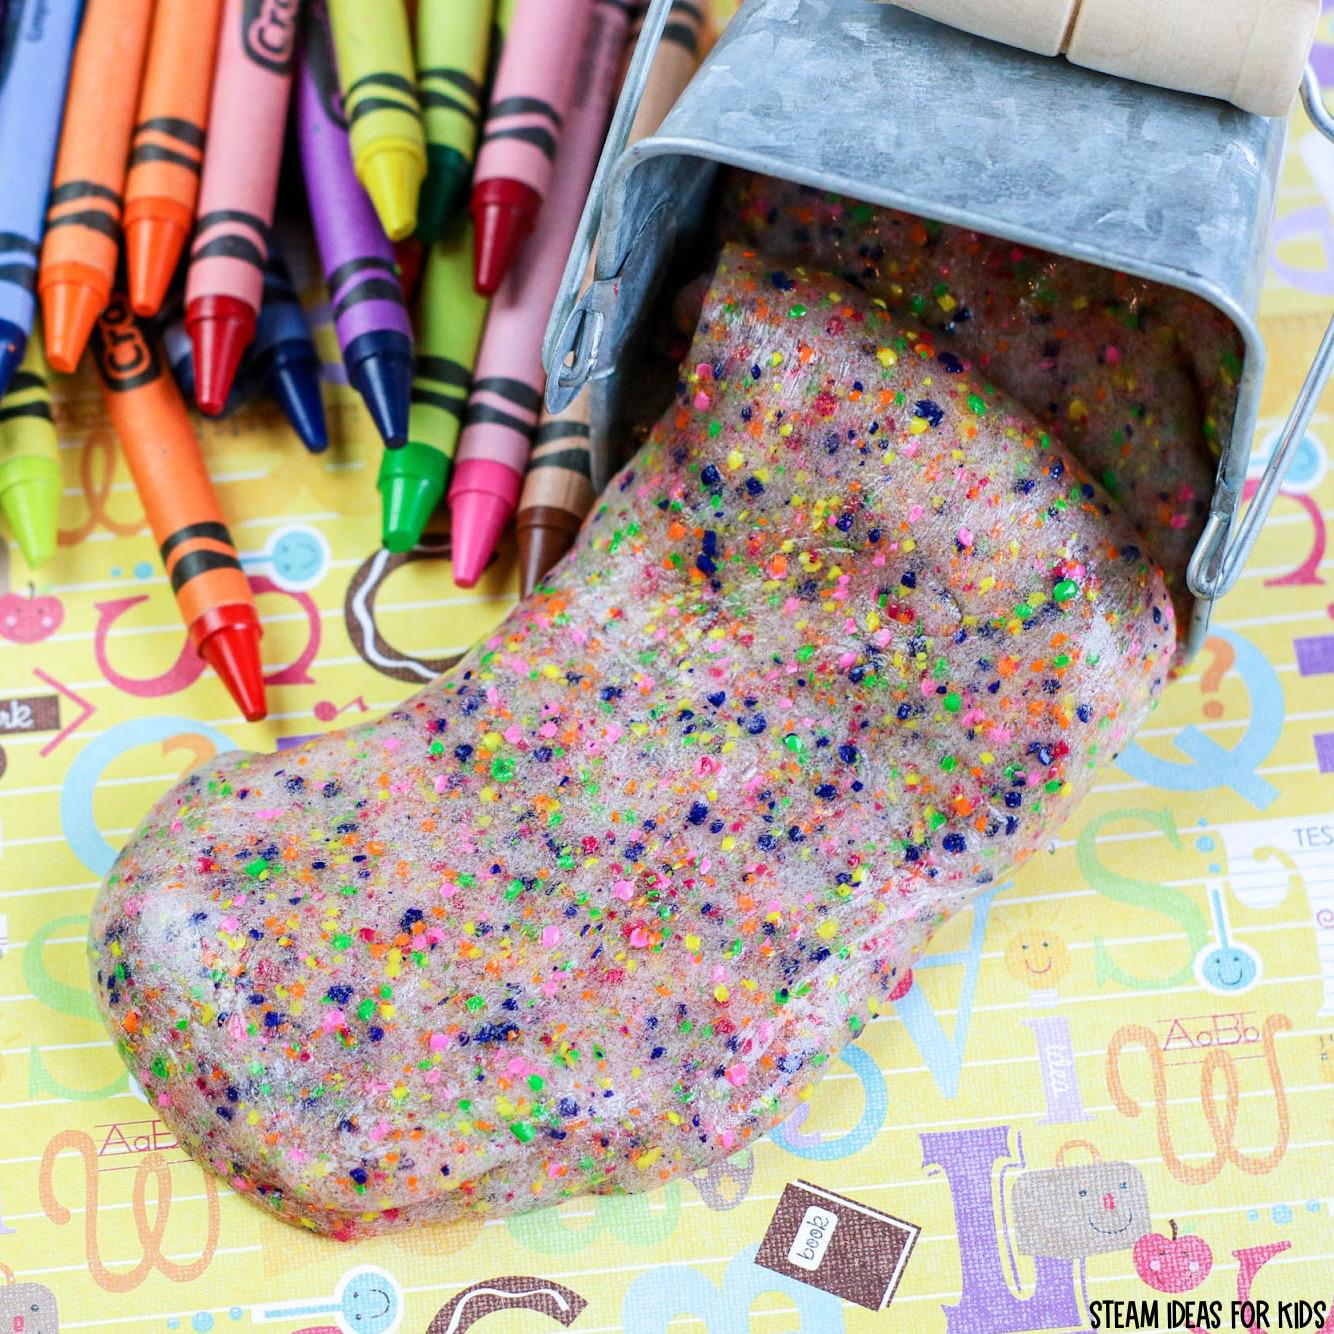 Crayon Slime for Sensory Play